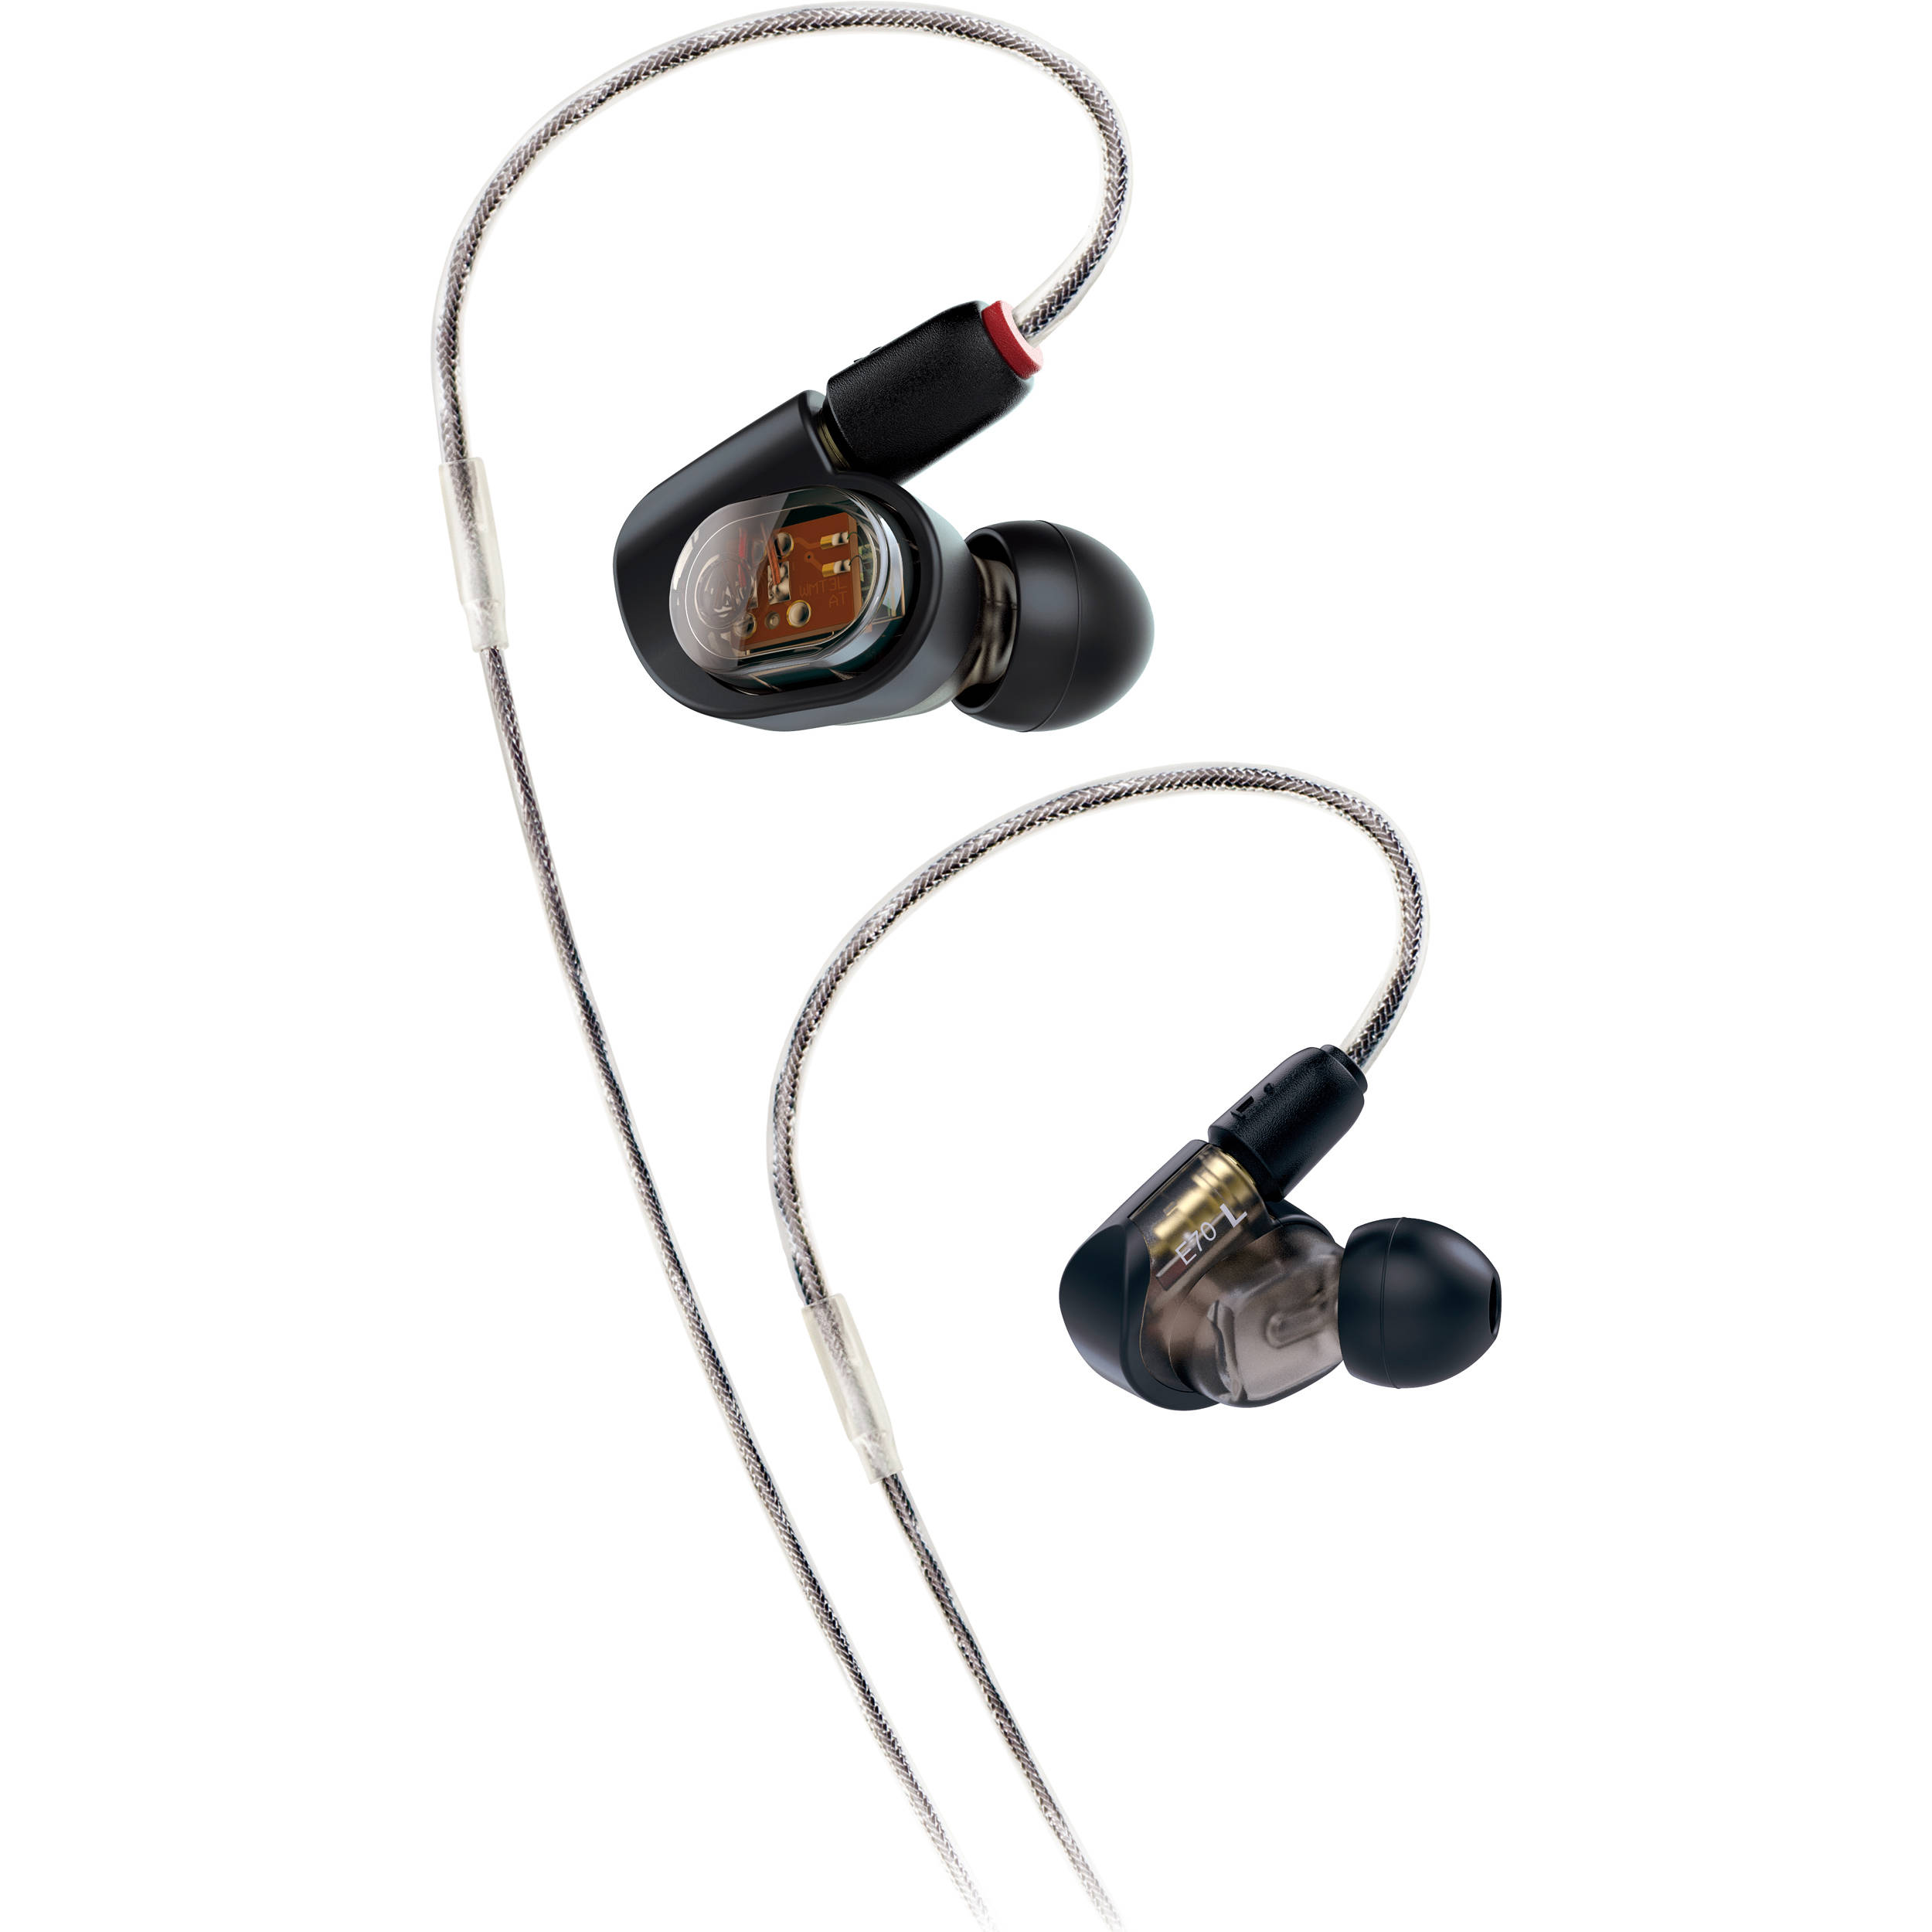 Audio-Technica ATH-E70 E-Series Professional In-Ear ATH-E70 B&H